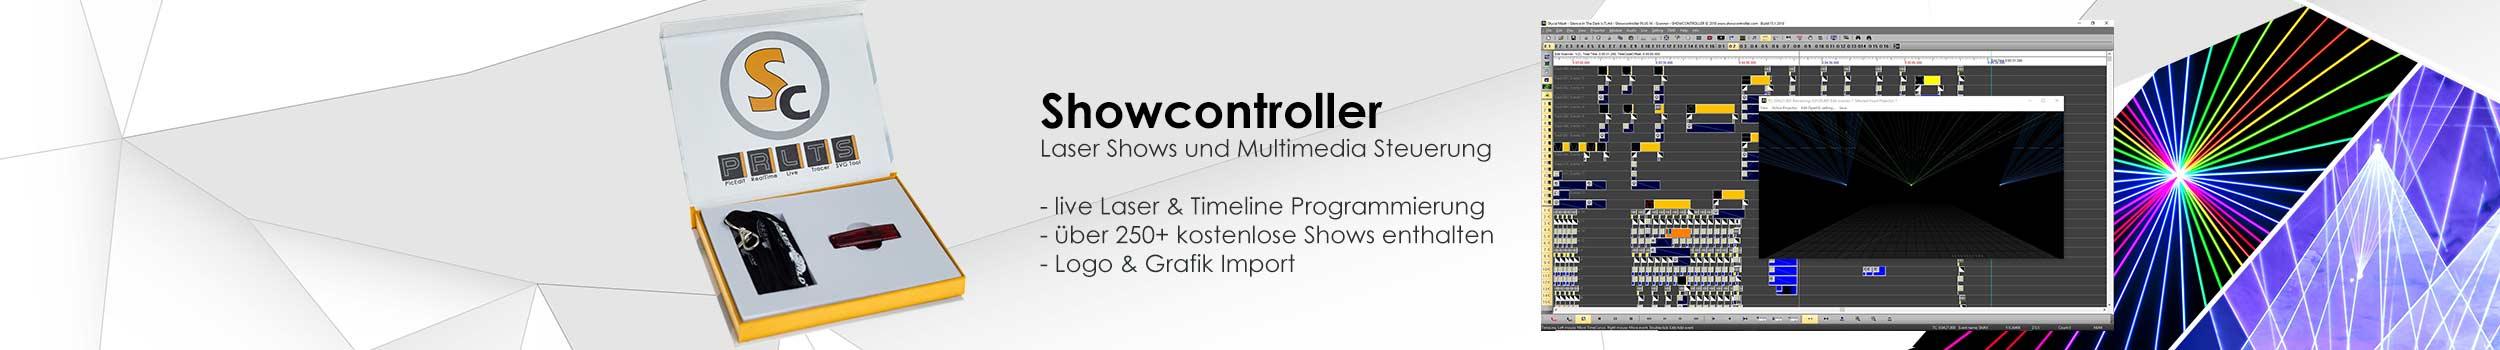 2019_laserworld_header_350px_Showcontroller_desktop_DE.jpg